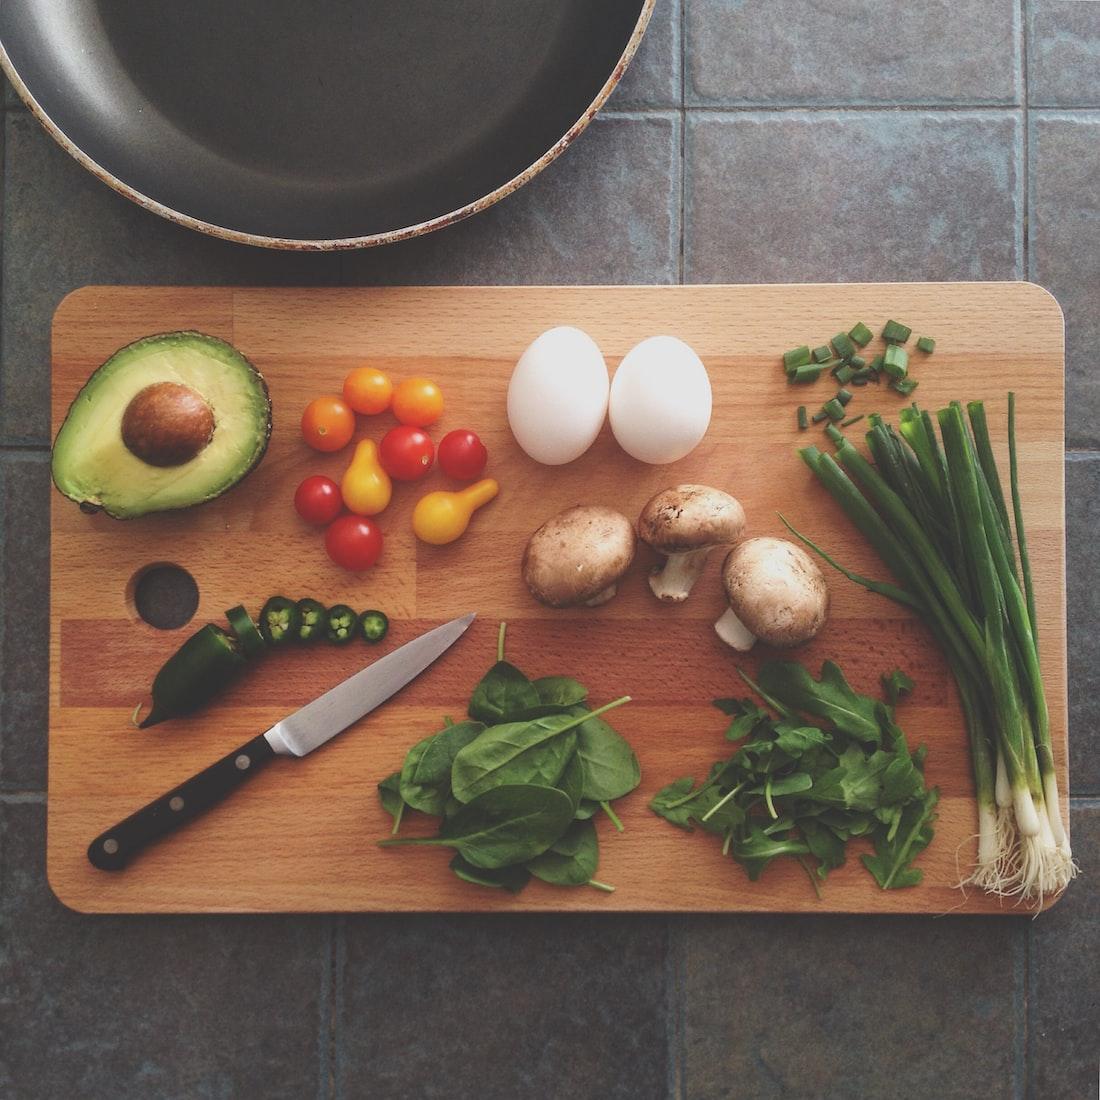 cómo gastar menos en comida a domicilio